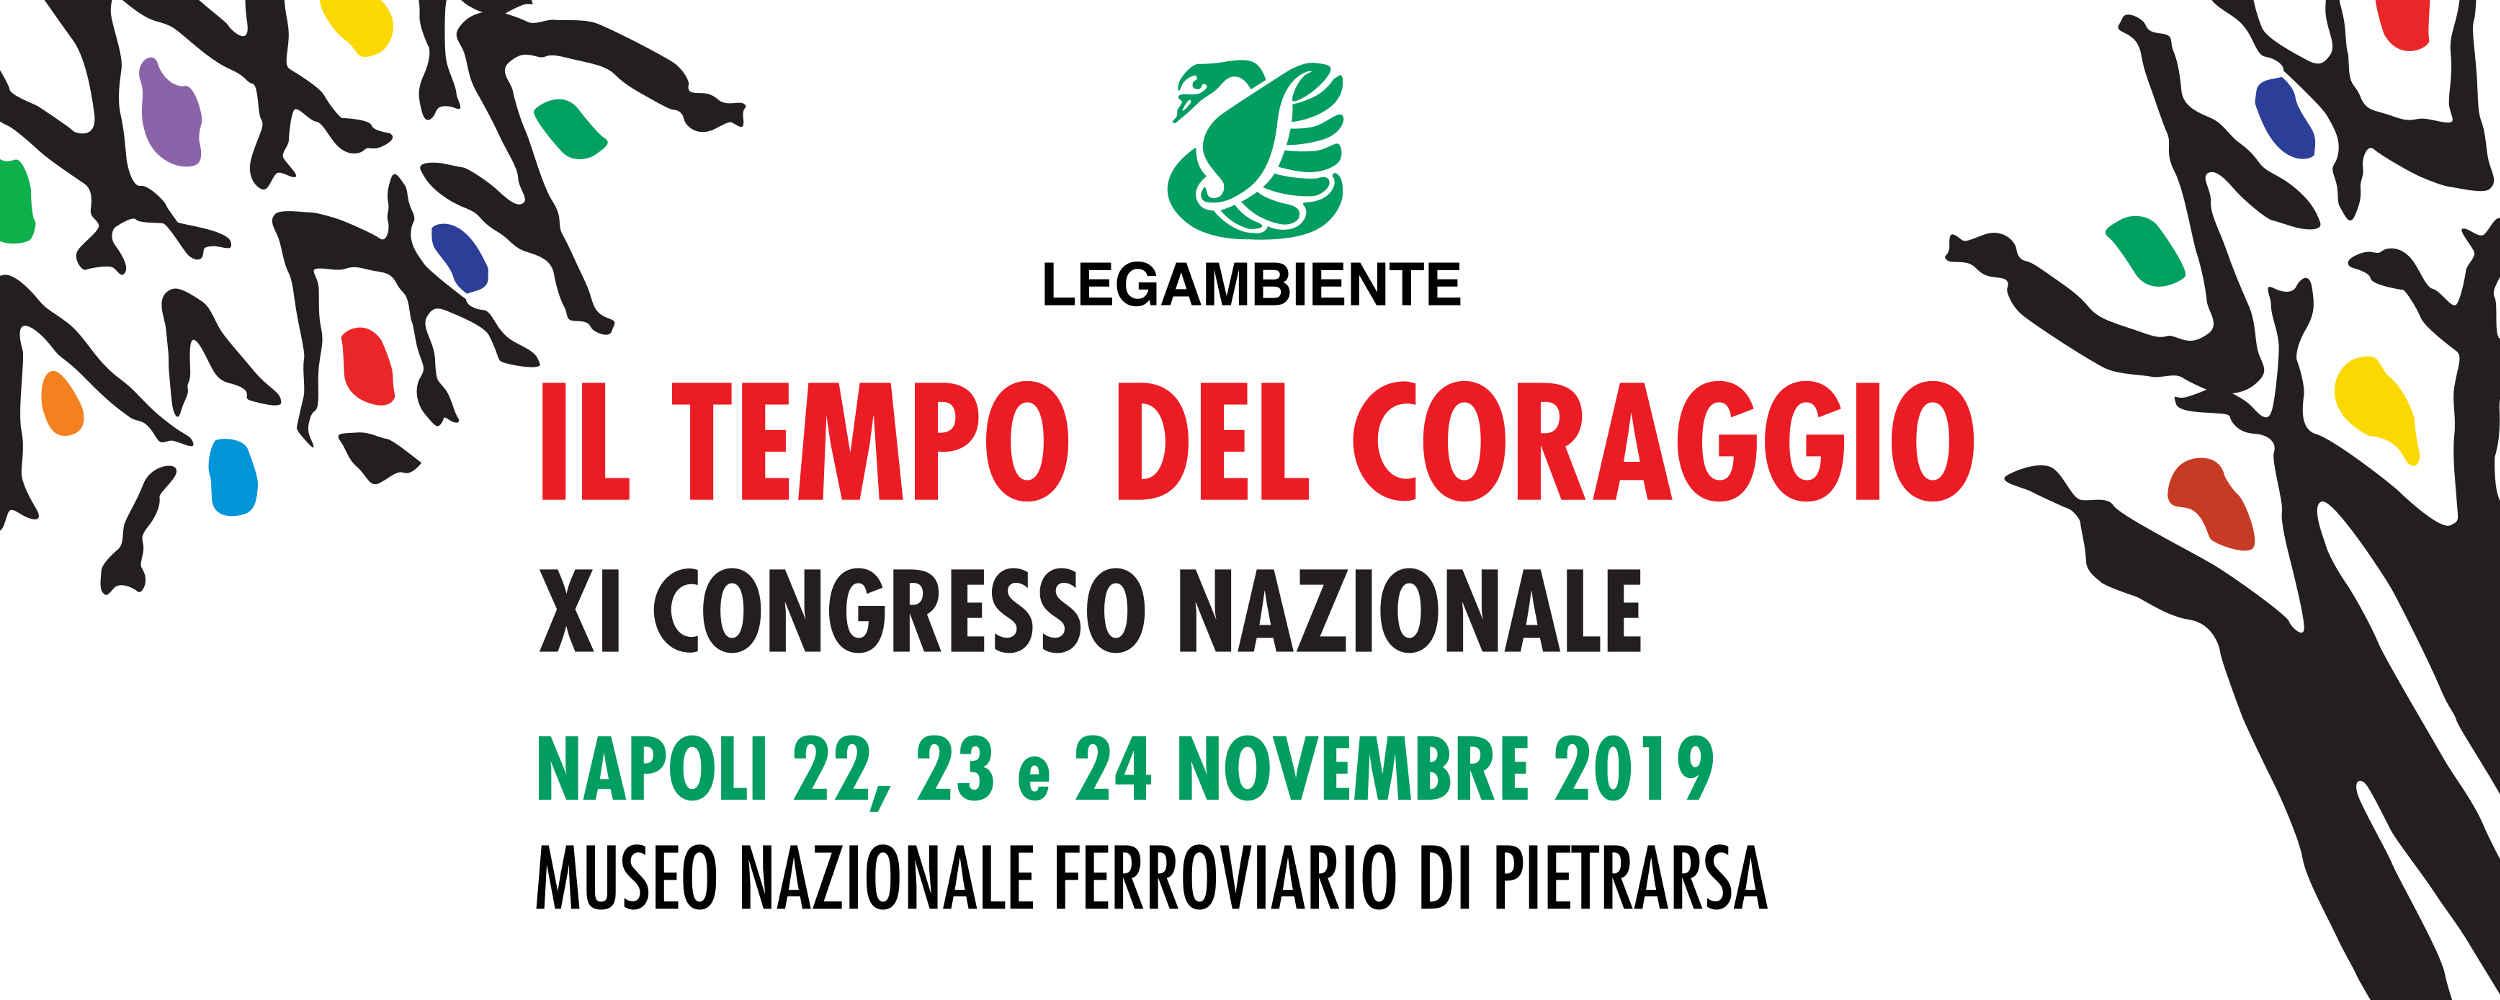 XI congresso legambiente